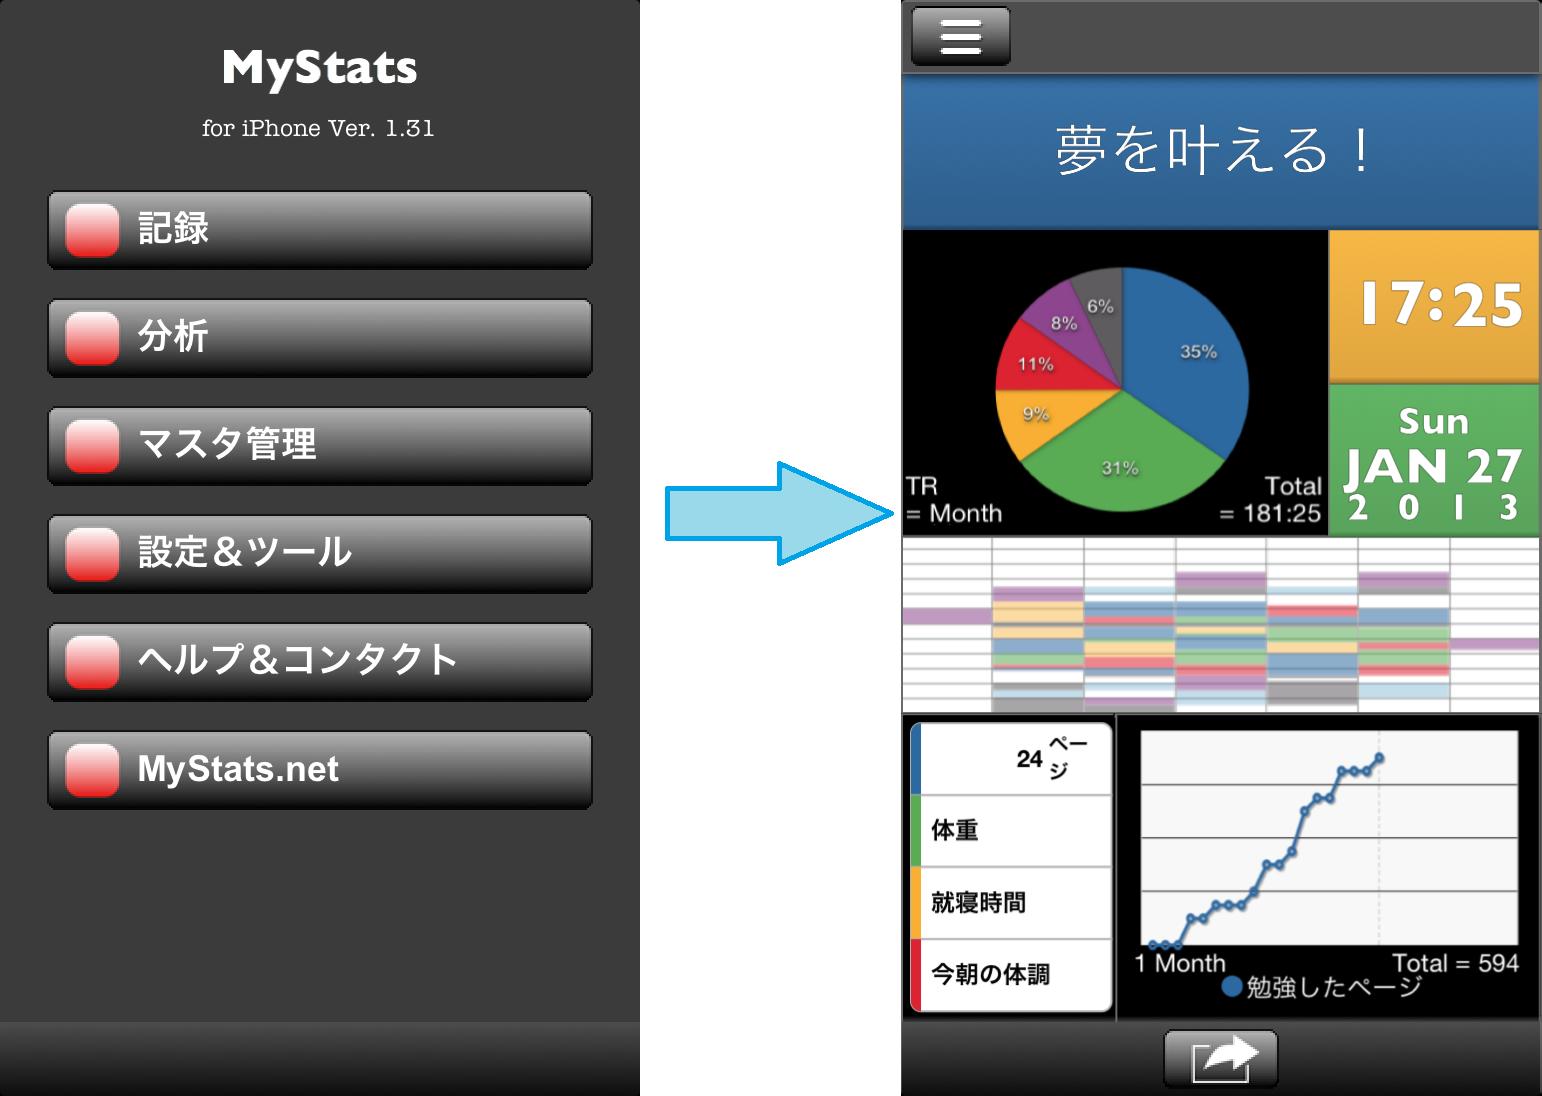 世界79ヶ国、11万人が利用する自己管理アプリ 「MyStats」が、バージョンアップ (V1.40) ホーム画面刷新で記録・分析がより簡単に!